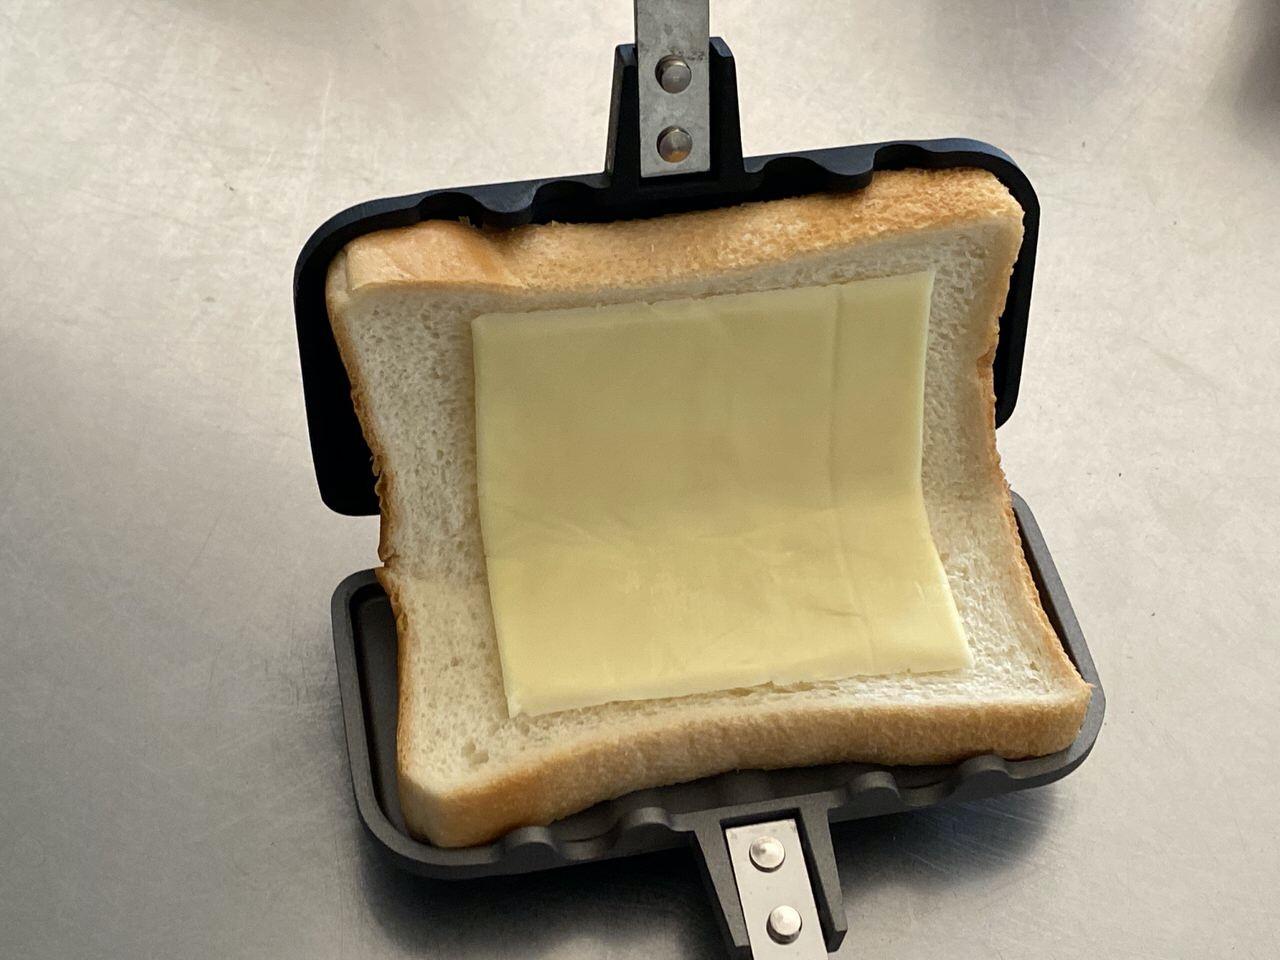 「ホットサンドソロ」コンビーフ+マヨネーズ+とろけるチーズのレシピ 3